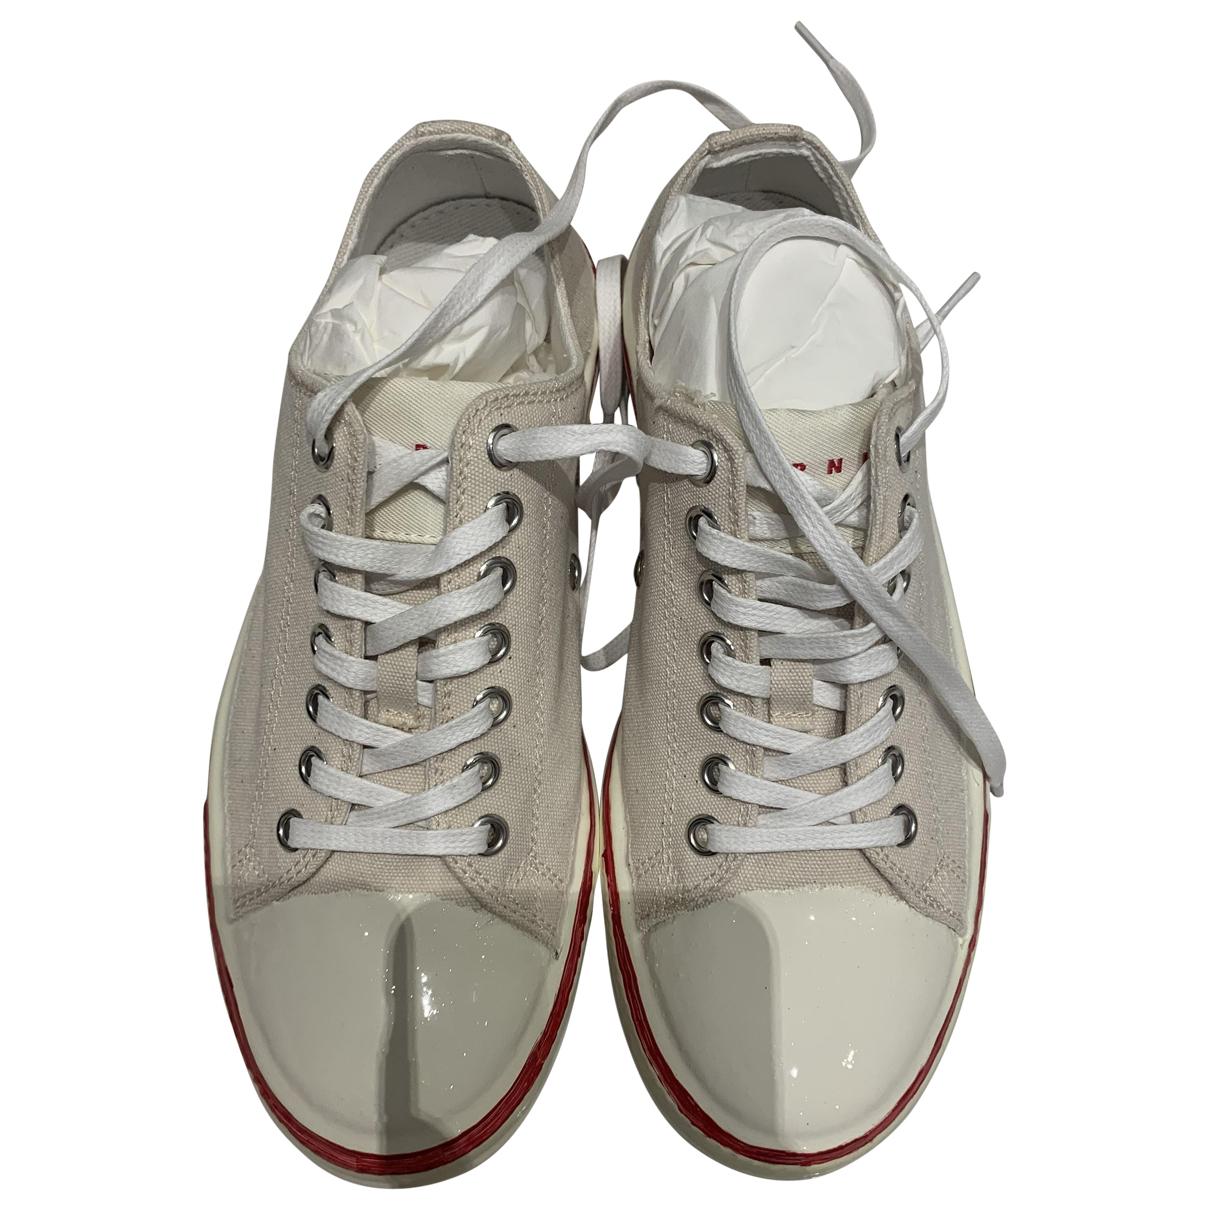 Marni \N Sneakers in  Weiss Leinen